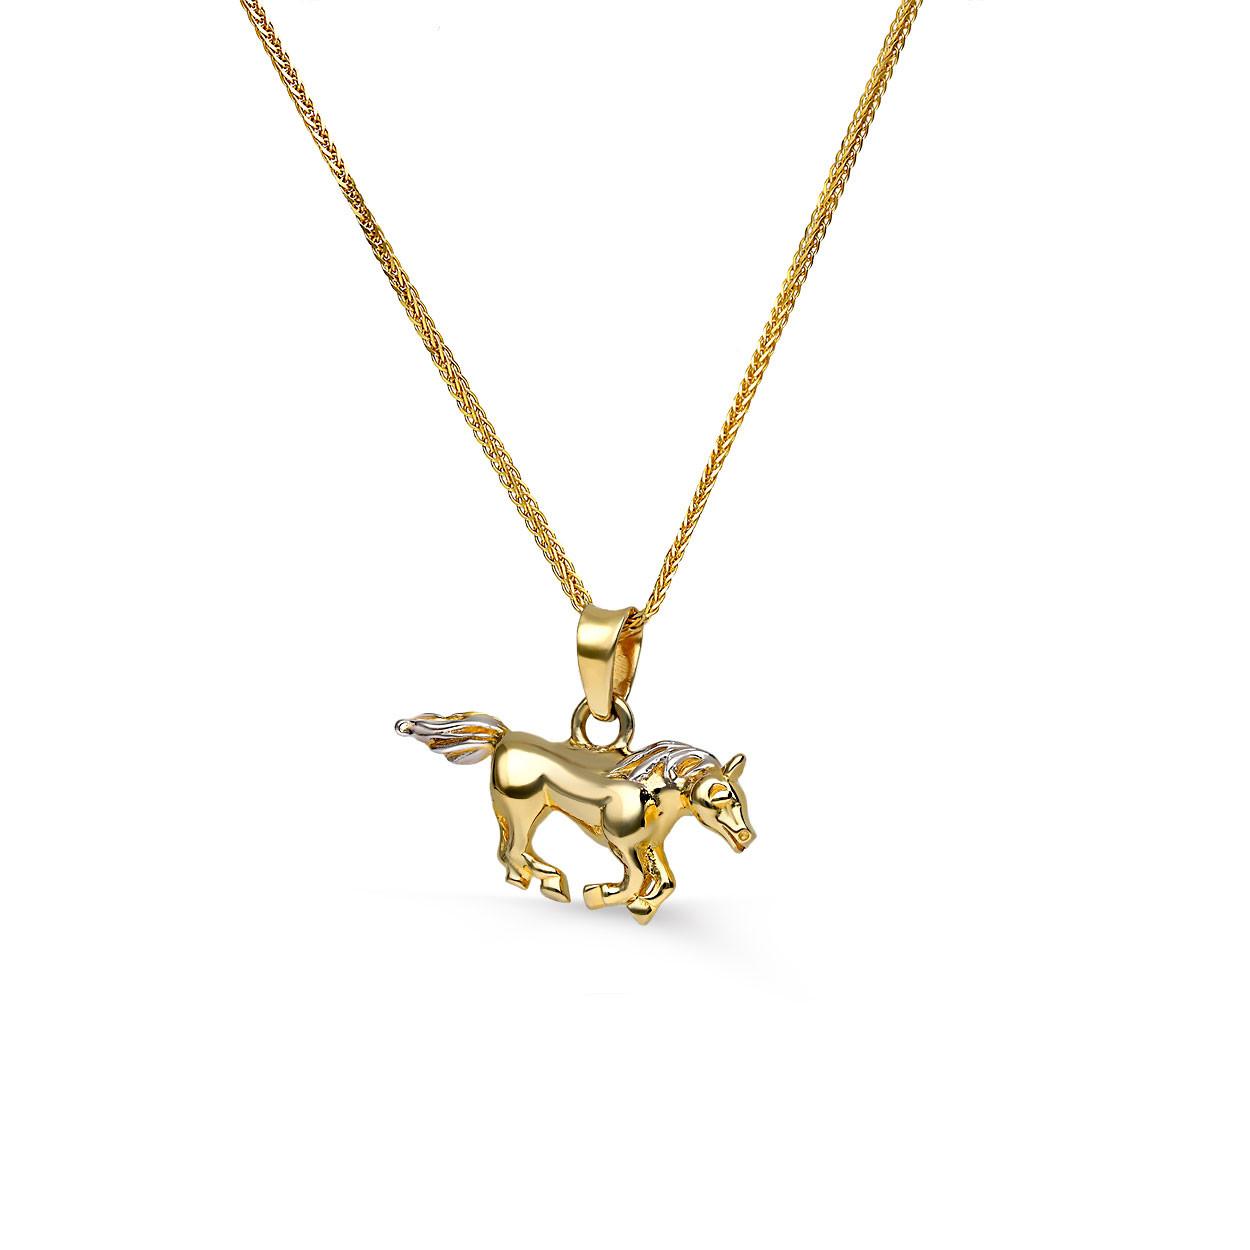 Zawieszka złota koń, biało-żółte złoto, próba 585